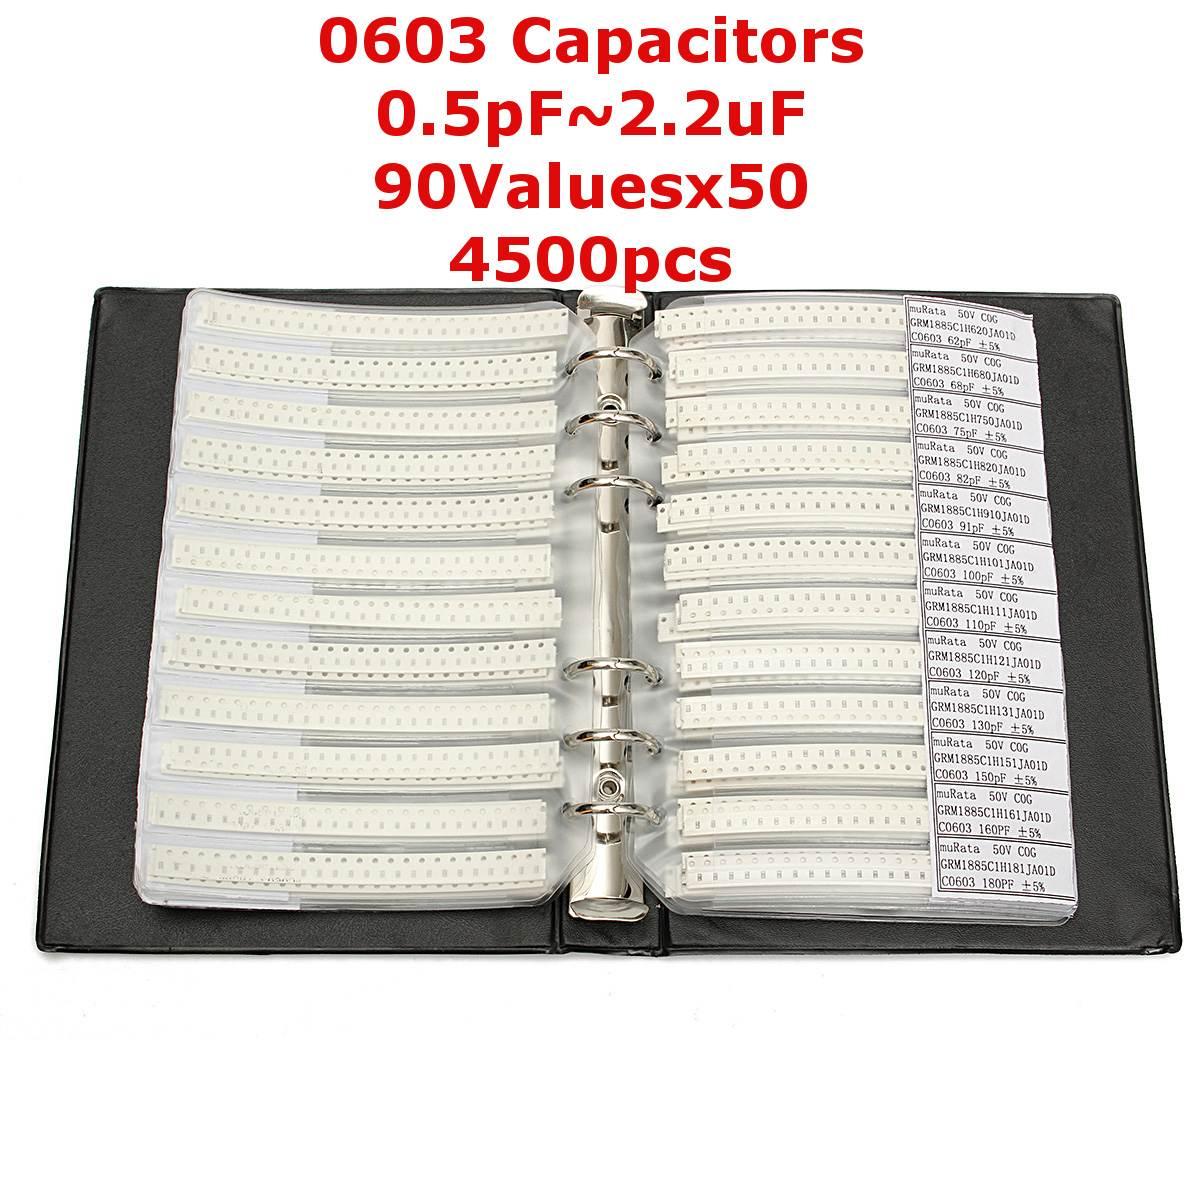 0603 SMD конденсатор с алюминиевой крышкой, книга с образцами 90valuesX50pcs = 4500 шт. 0.5PF ~ 2,2 мкФ набор различных конденсаторов пакет